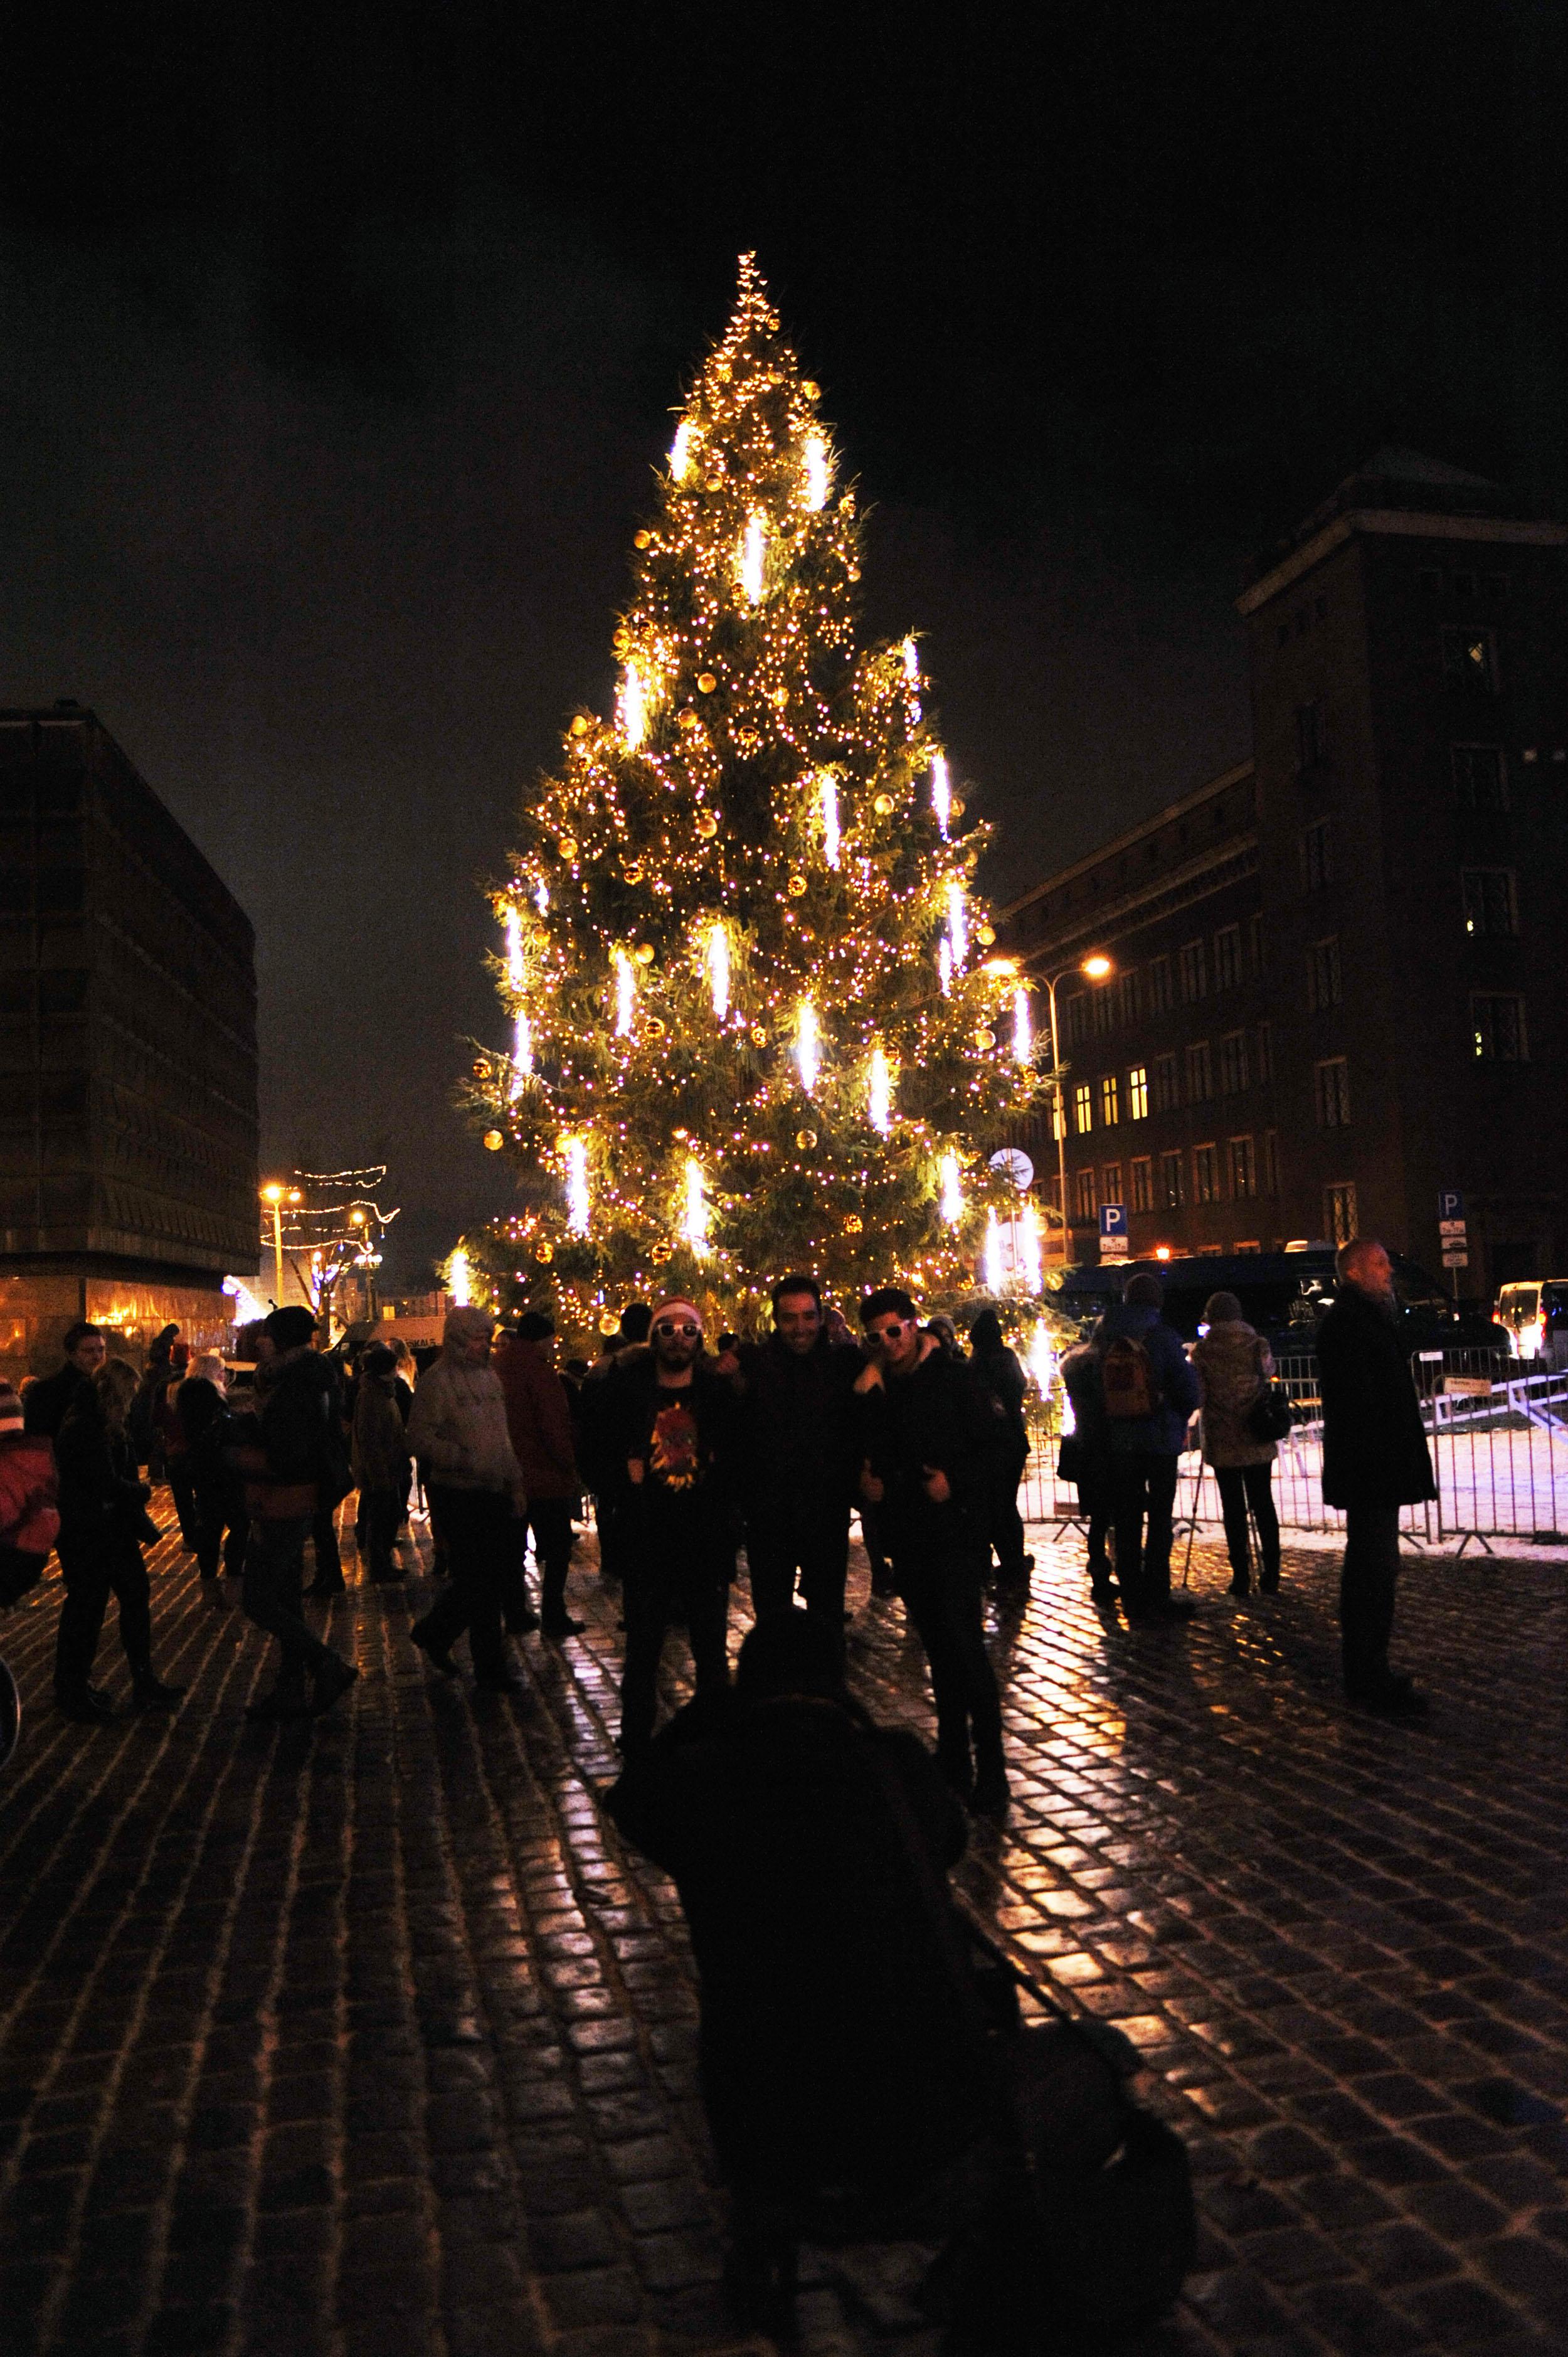 在拉脱维亚首都里加市政厅广场,人们在以戈德堡机械方式点亮的圣诞树前合影留念。(新华社记者郭群摄)